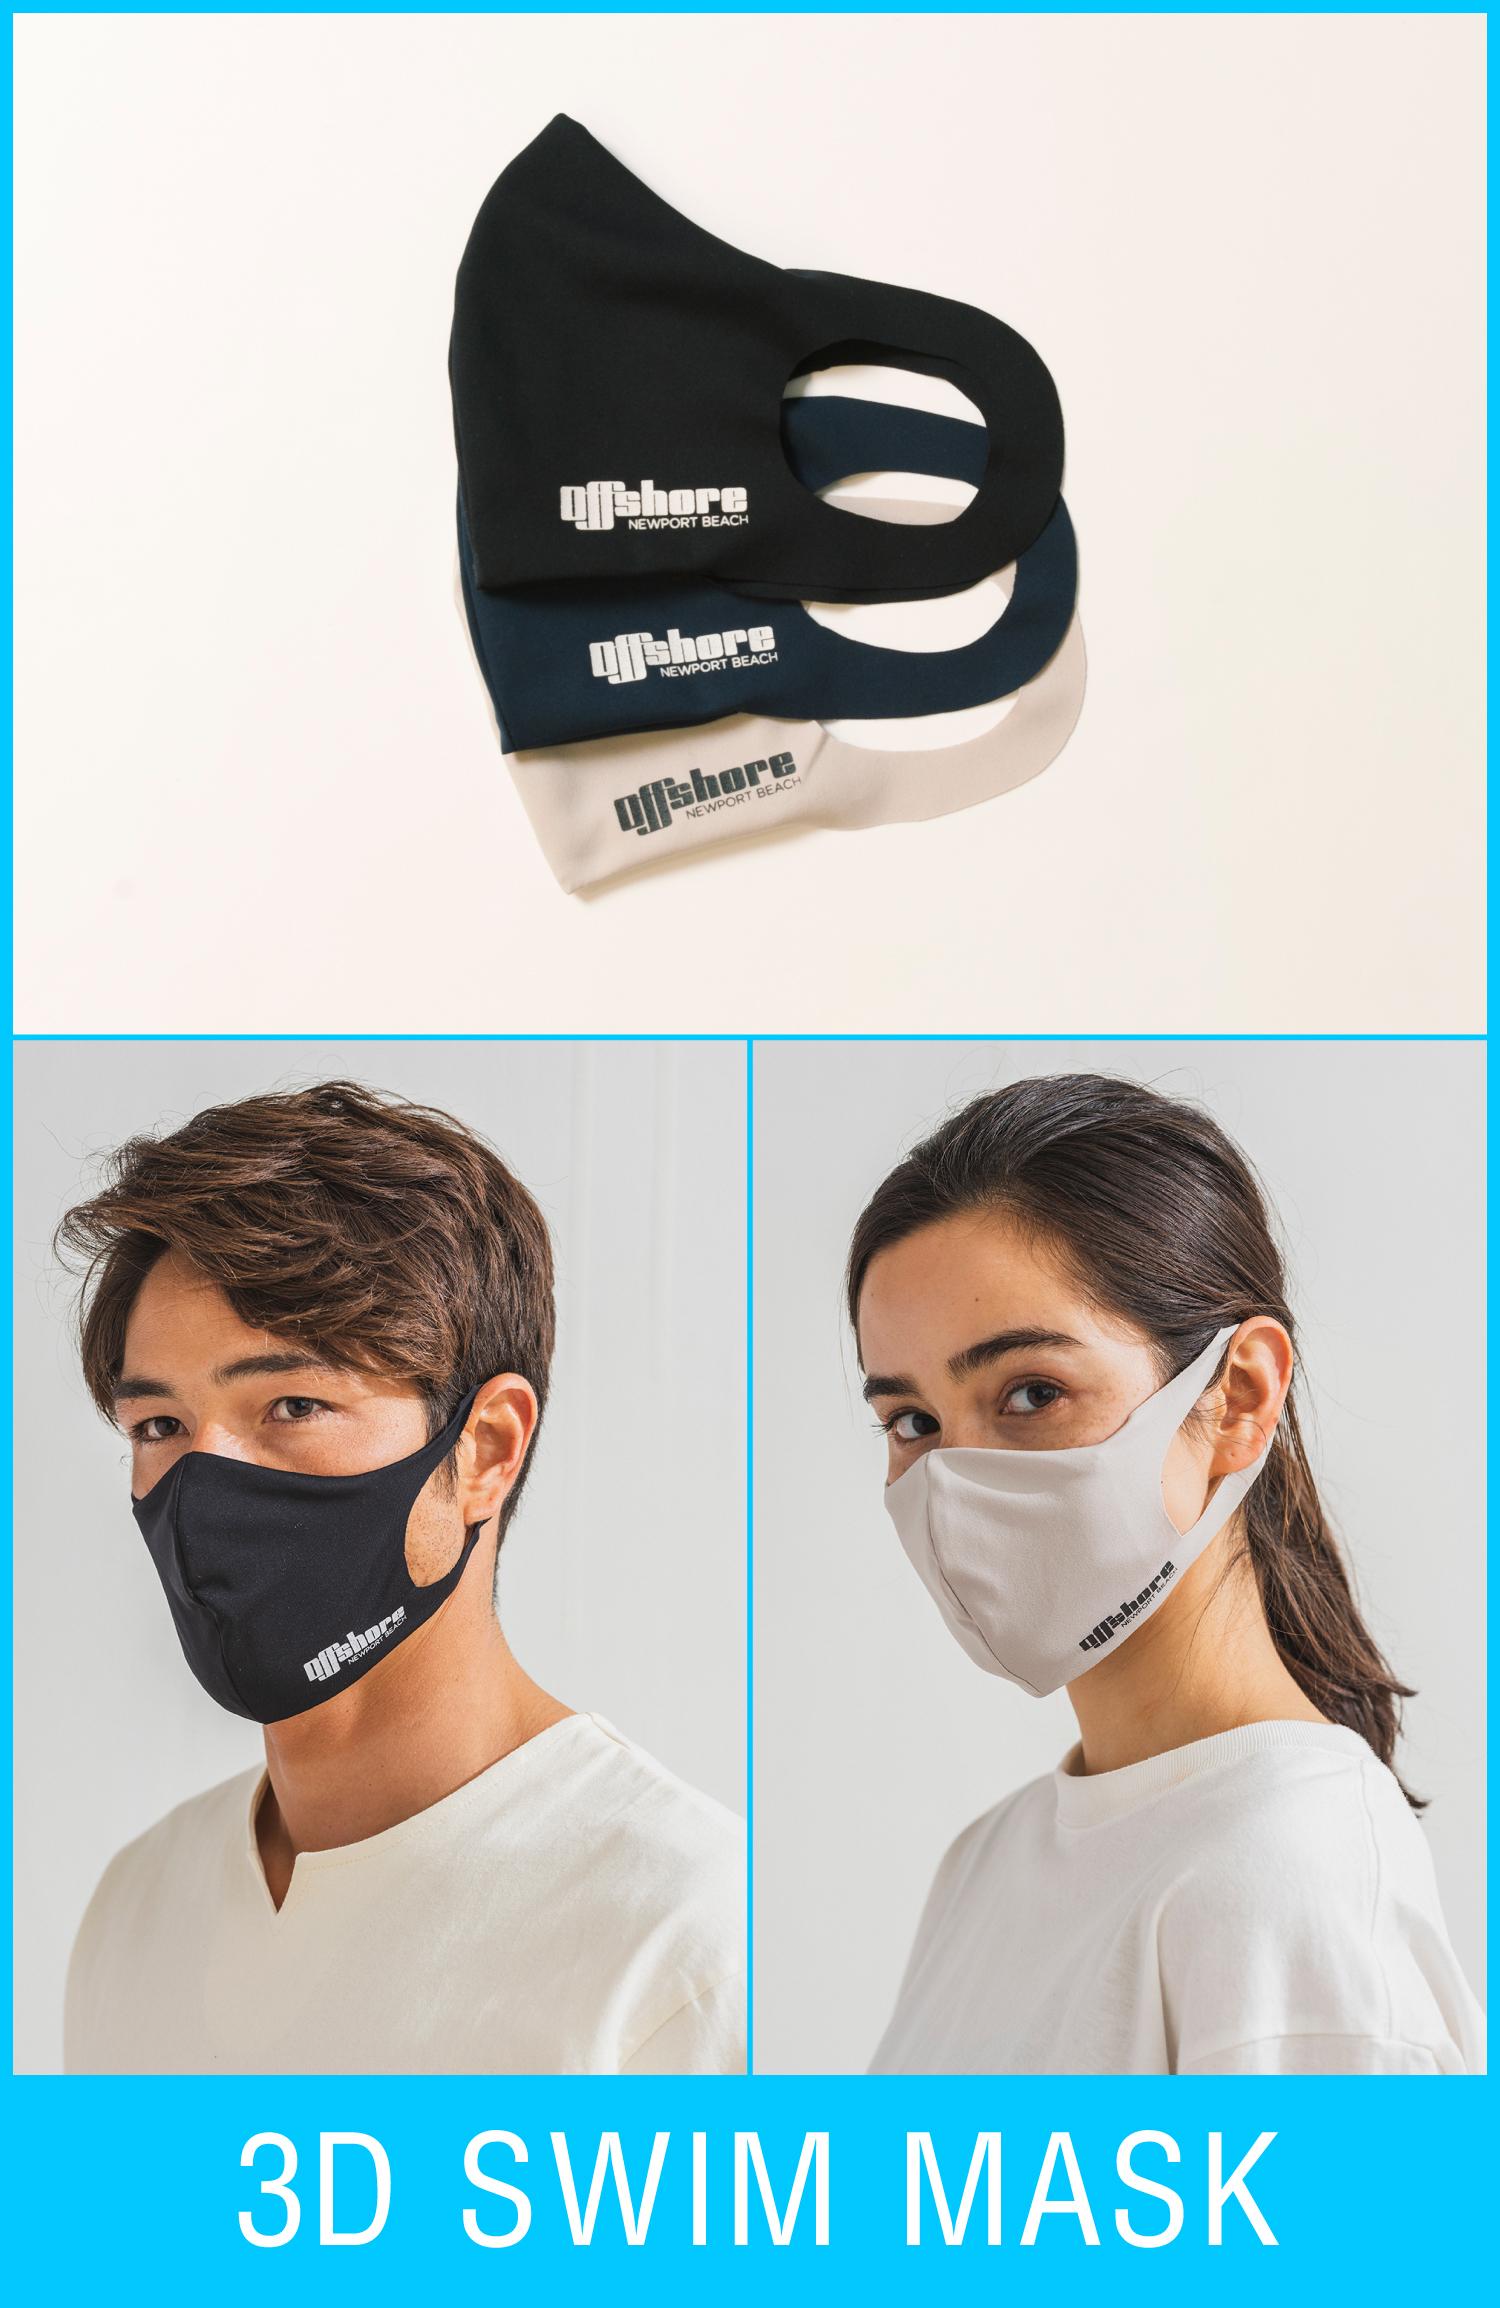 オリジナル3Dマスクが登場!!